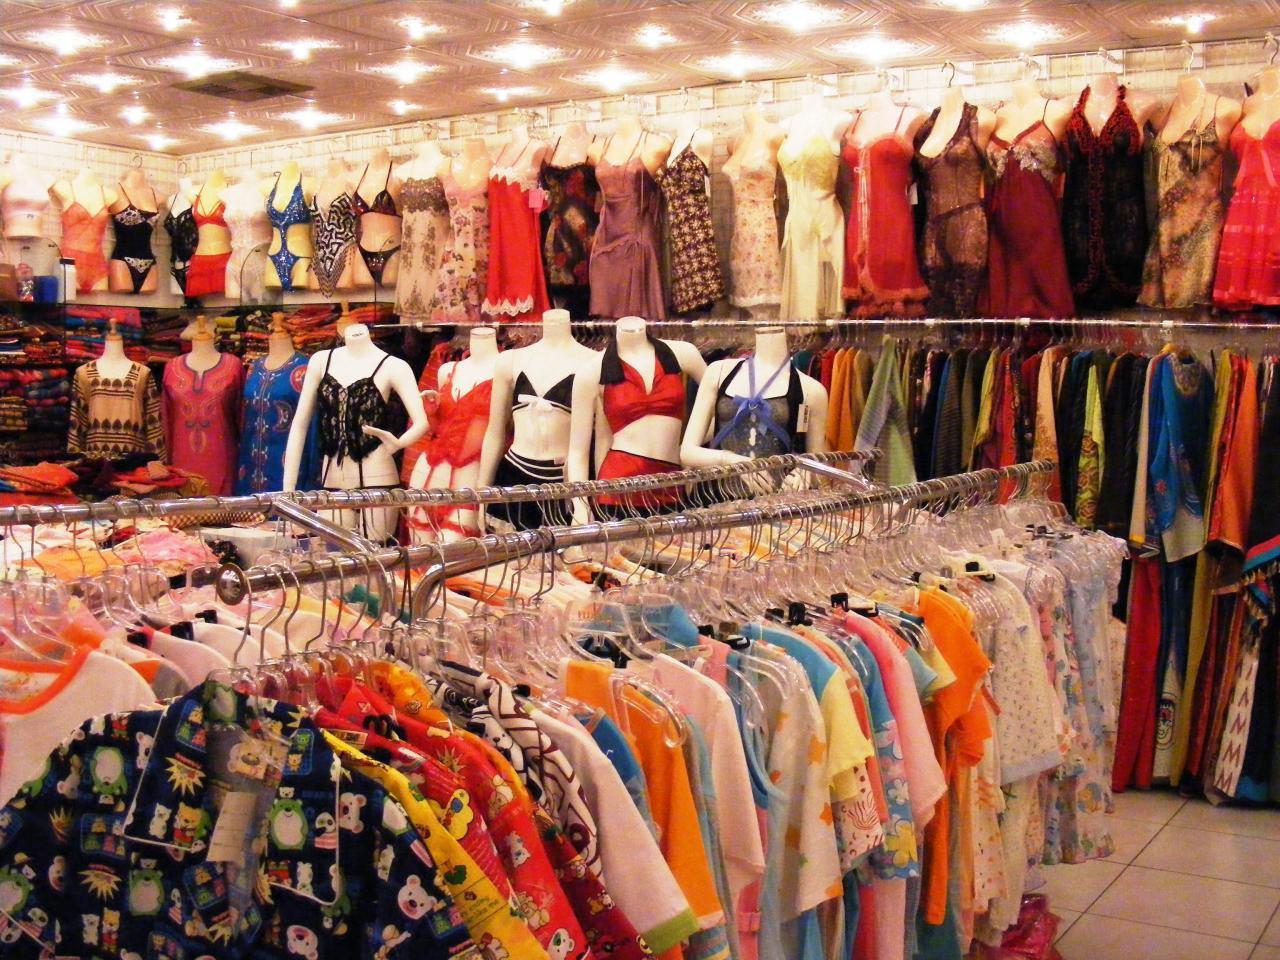 04c4781ec7fa1 مشروع محل ملابس نسائية بعد قرار تأنيث المحلات النسائية سيكون ناجح